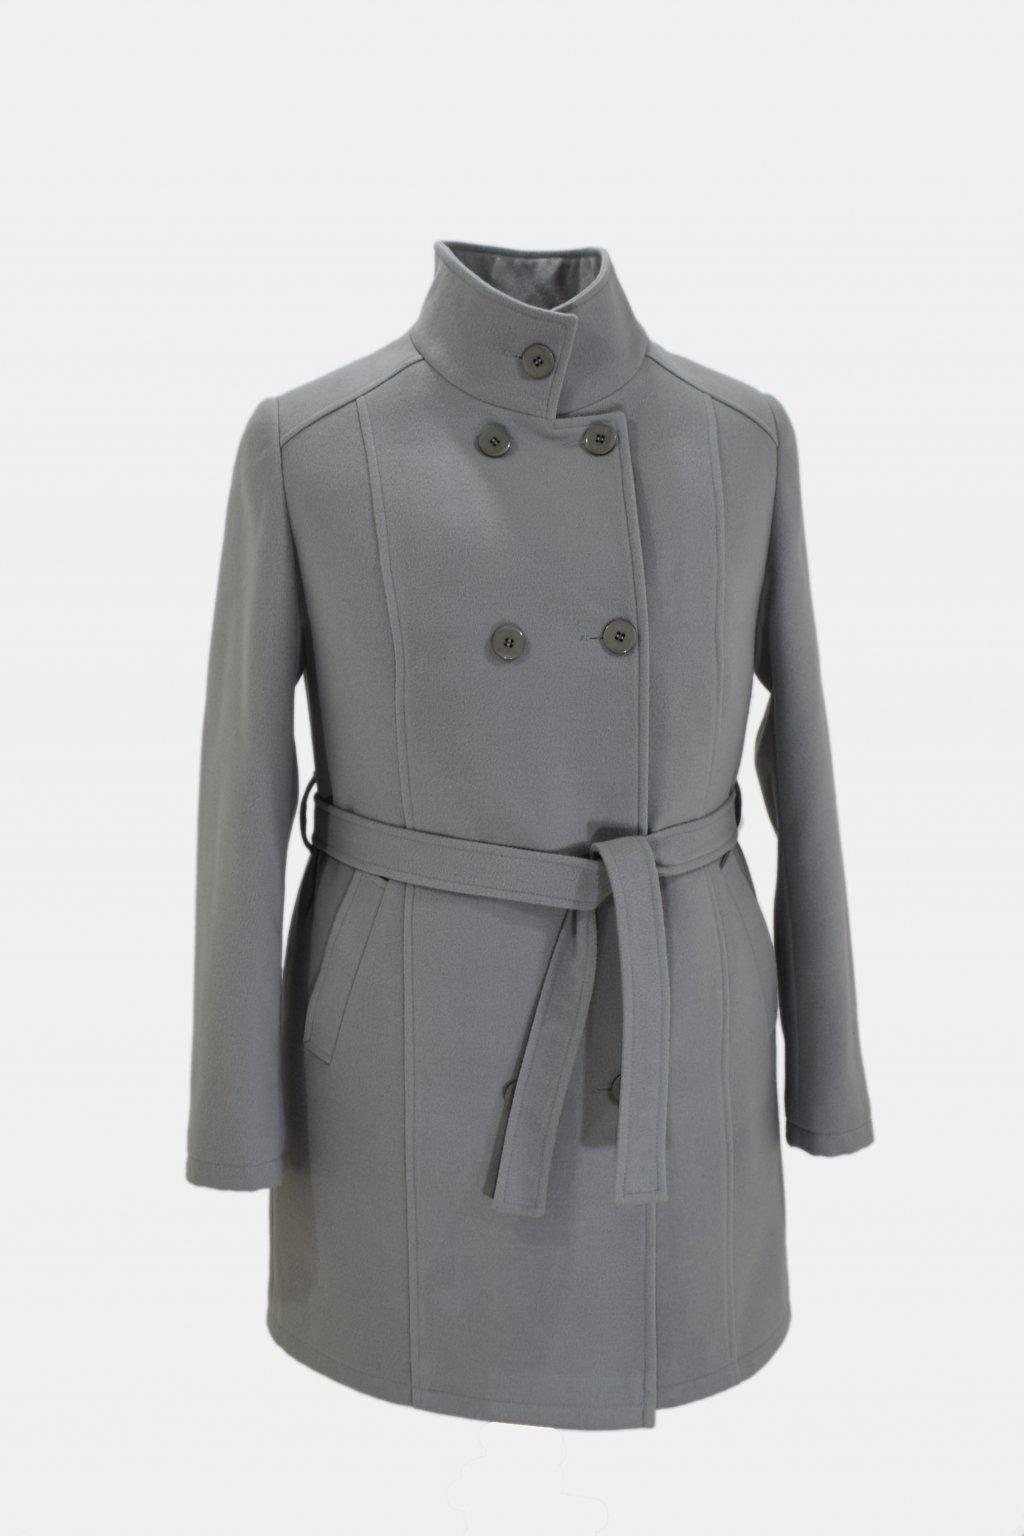 Dámský světle šedý zimní kabát Sofie.